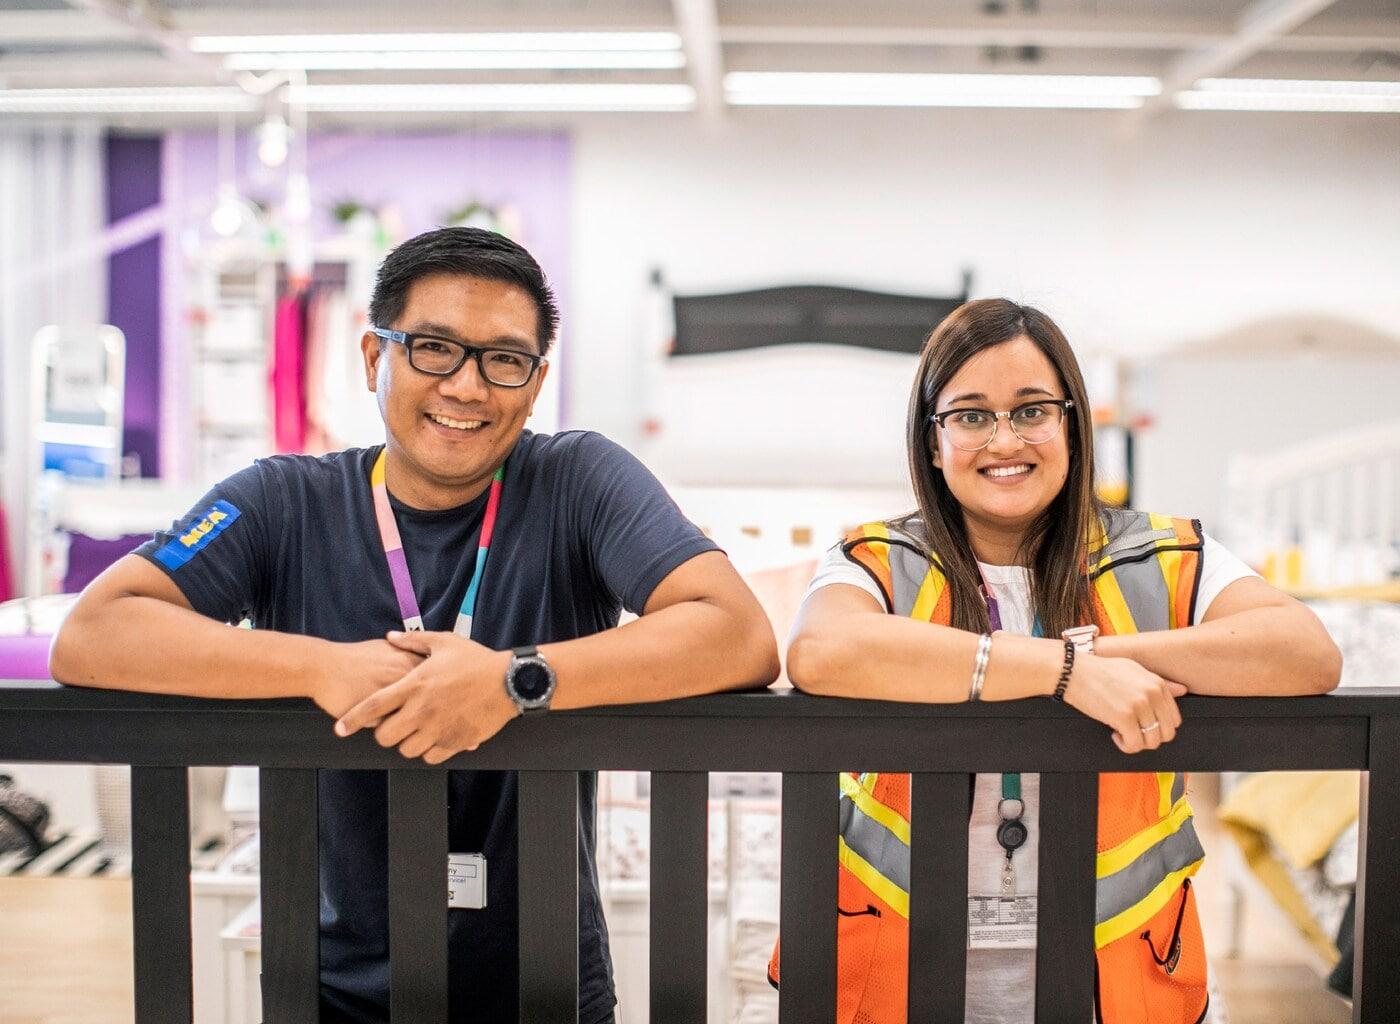 Dva zaměstnanci IKEA se zaměstnaneckou kartou na krku se opírají o dřevěné zábradlí.